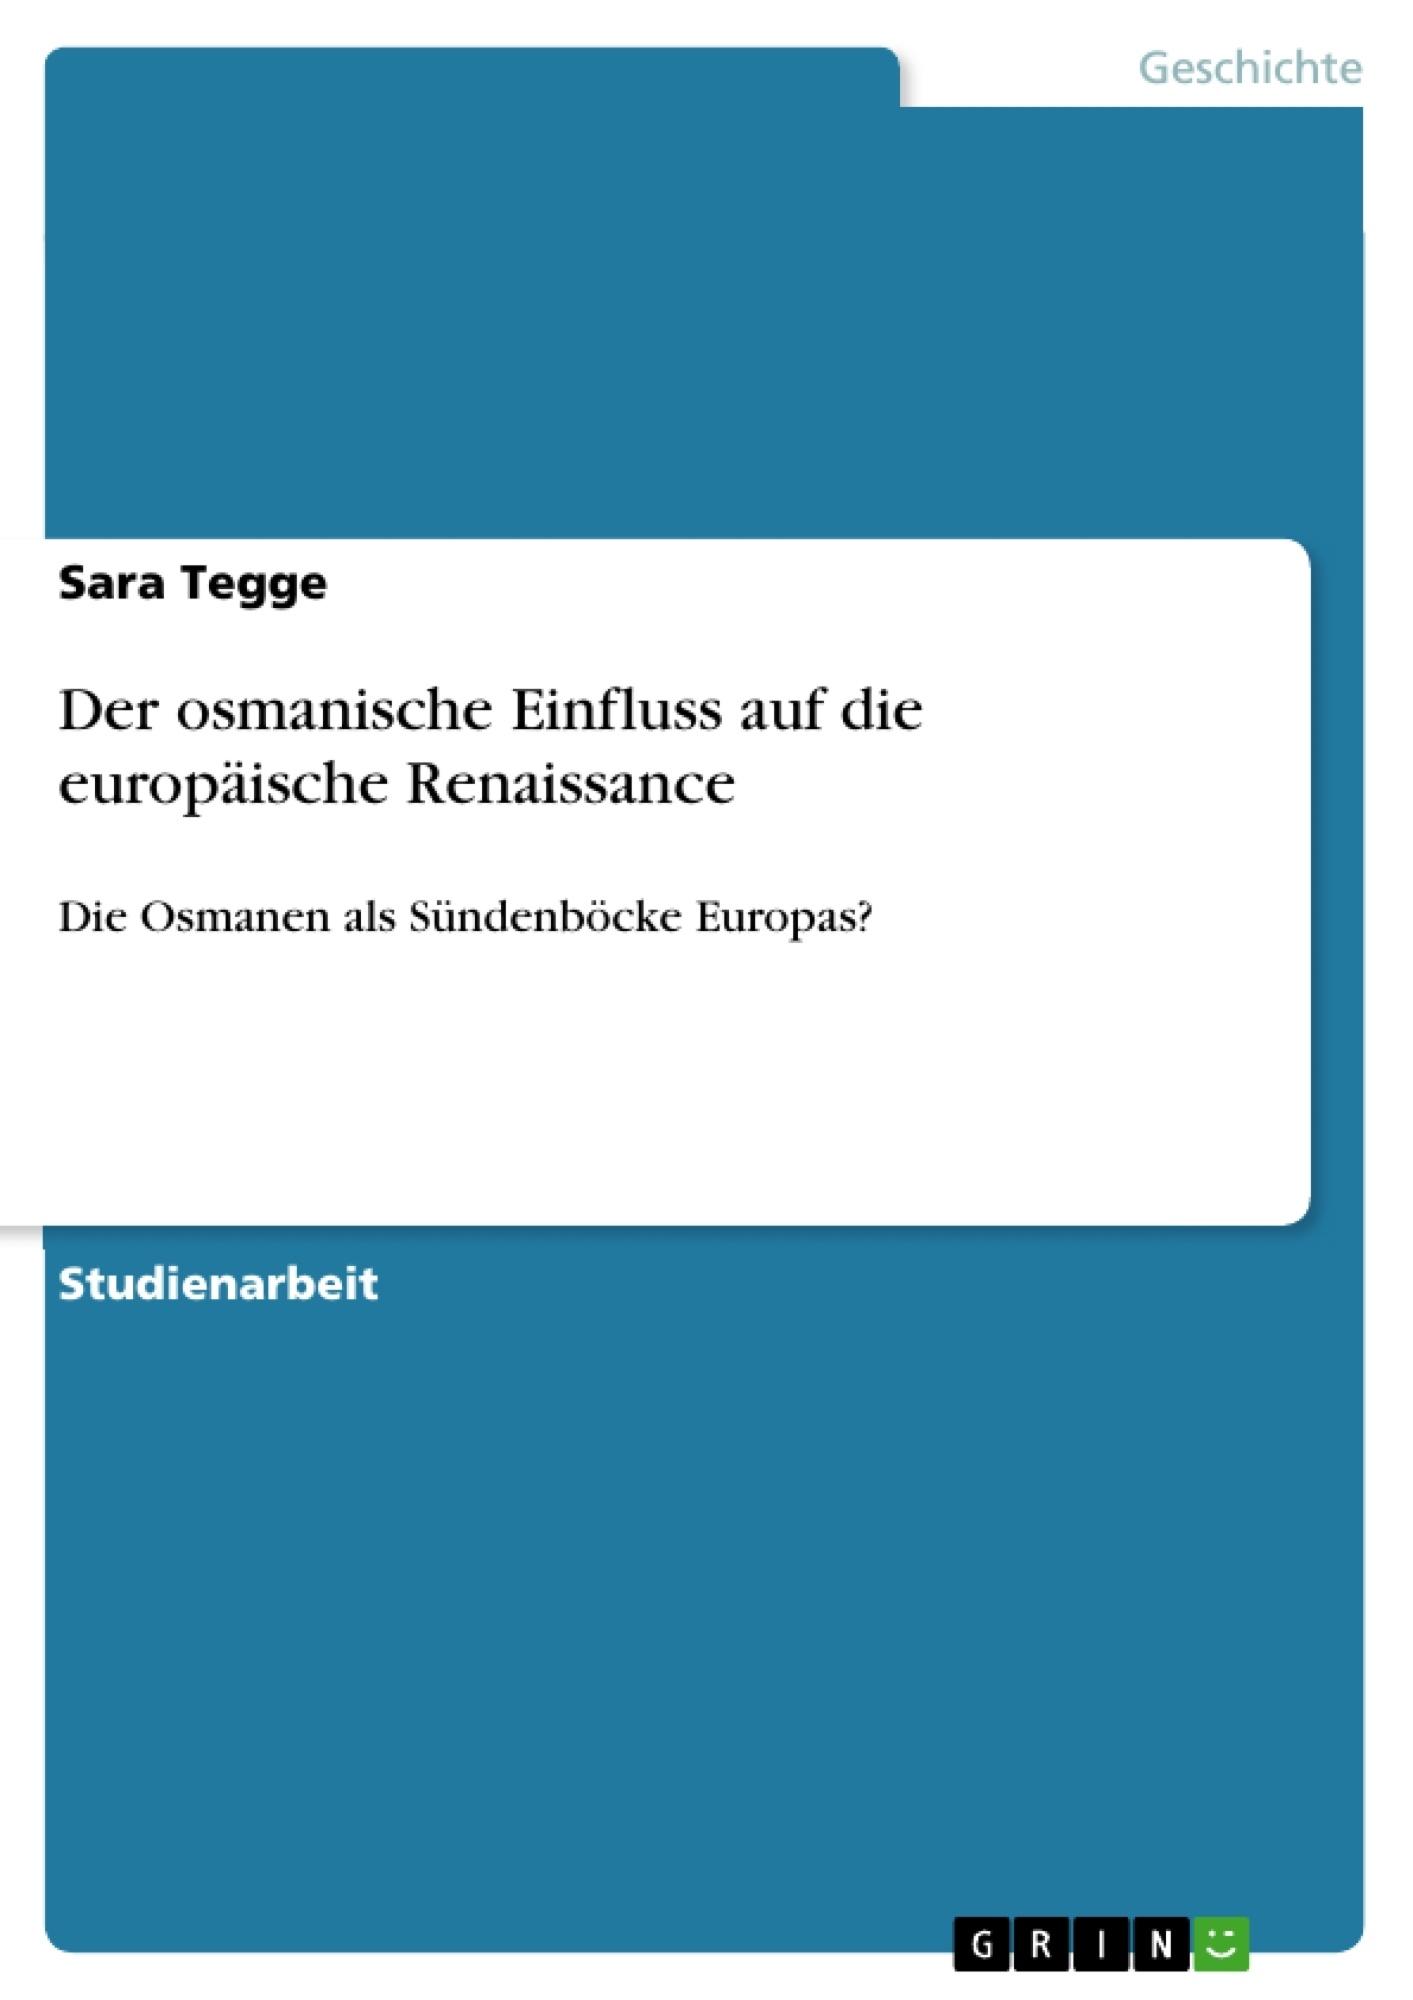 Titel: Der osmanische Einfluss auf die europäische Renaissance